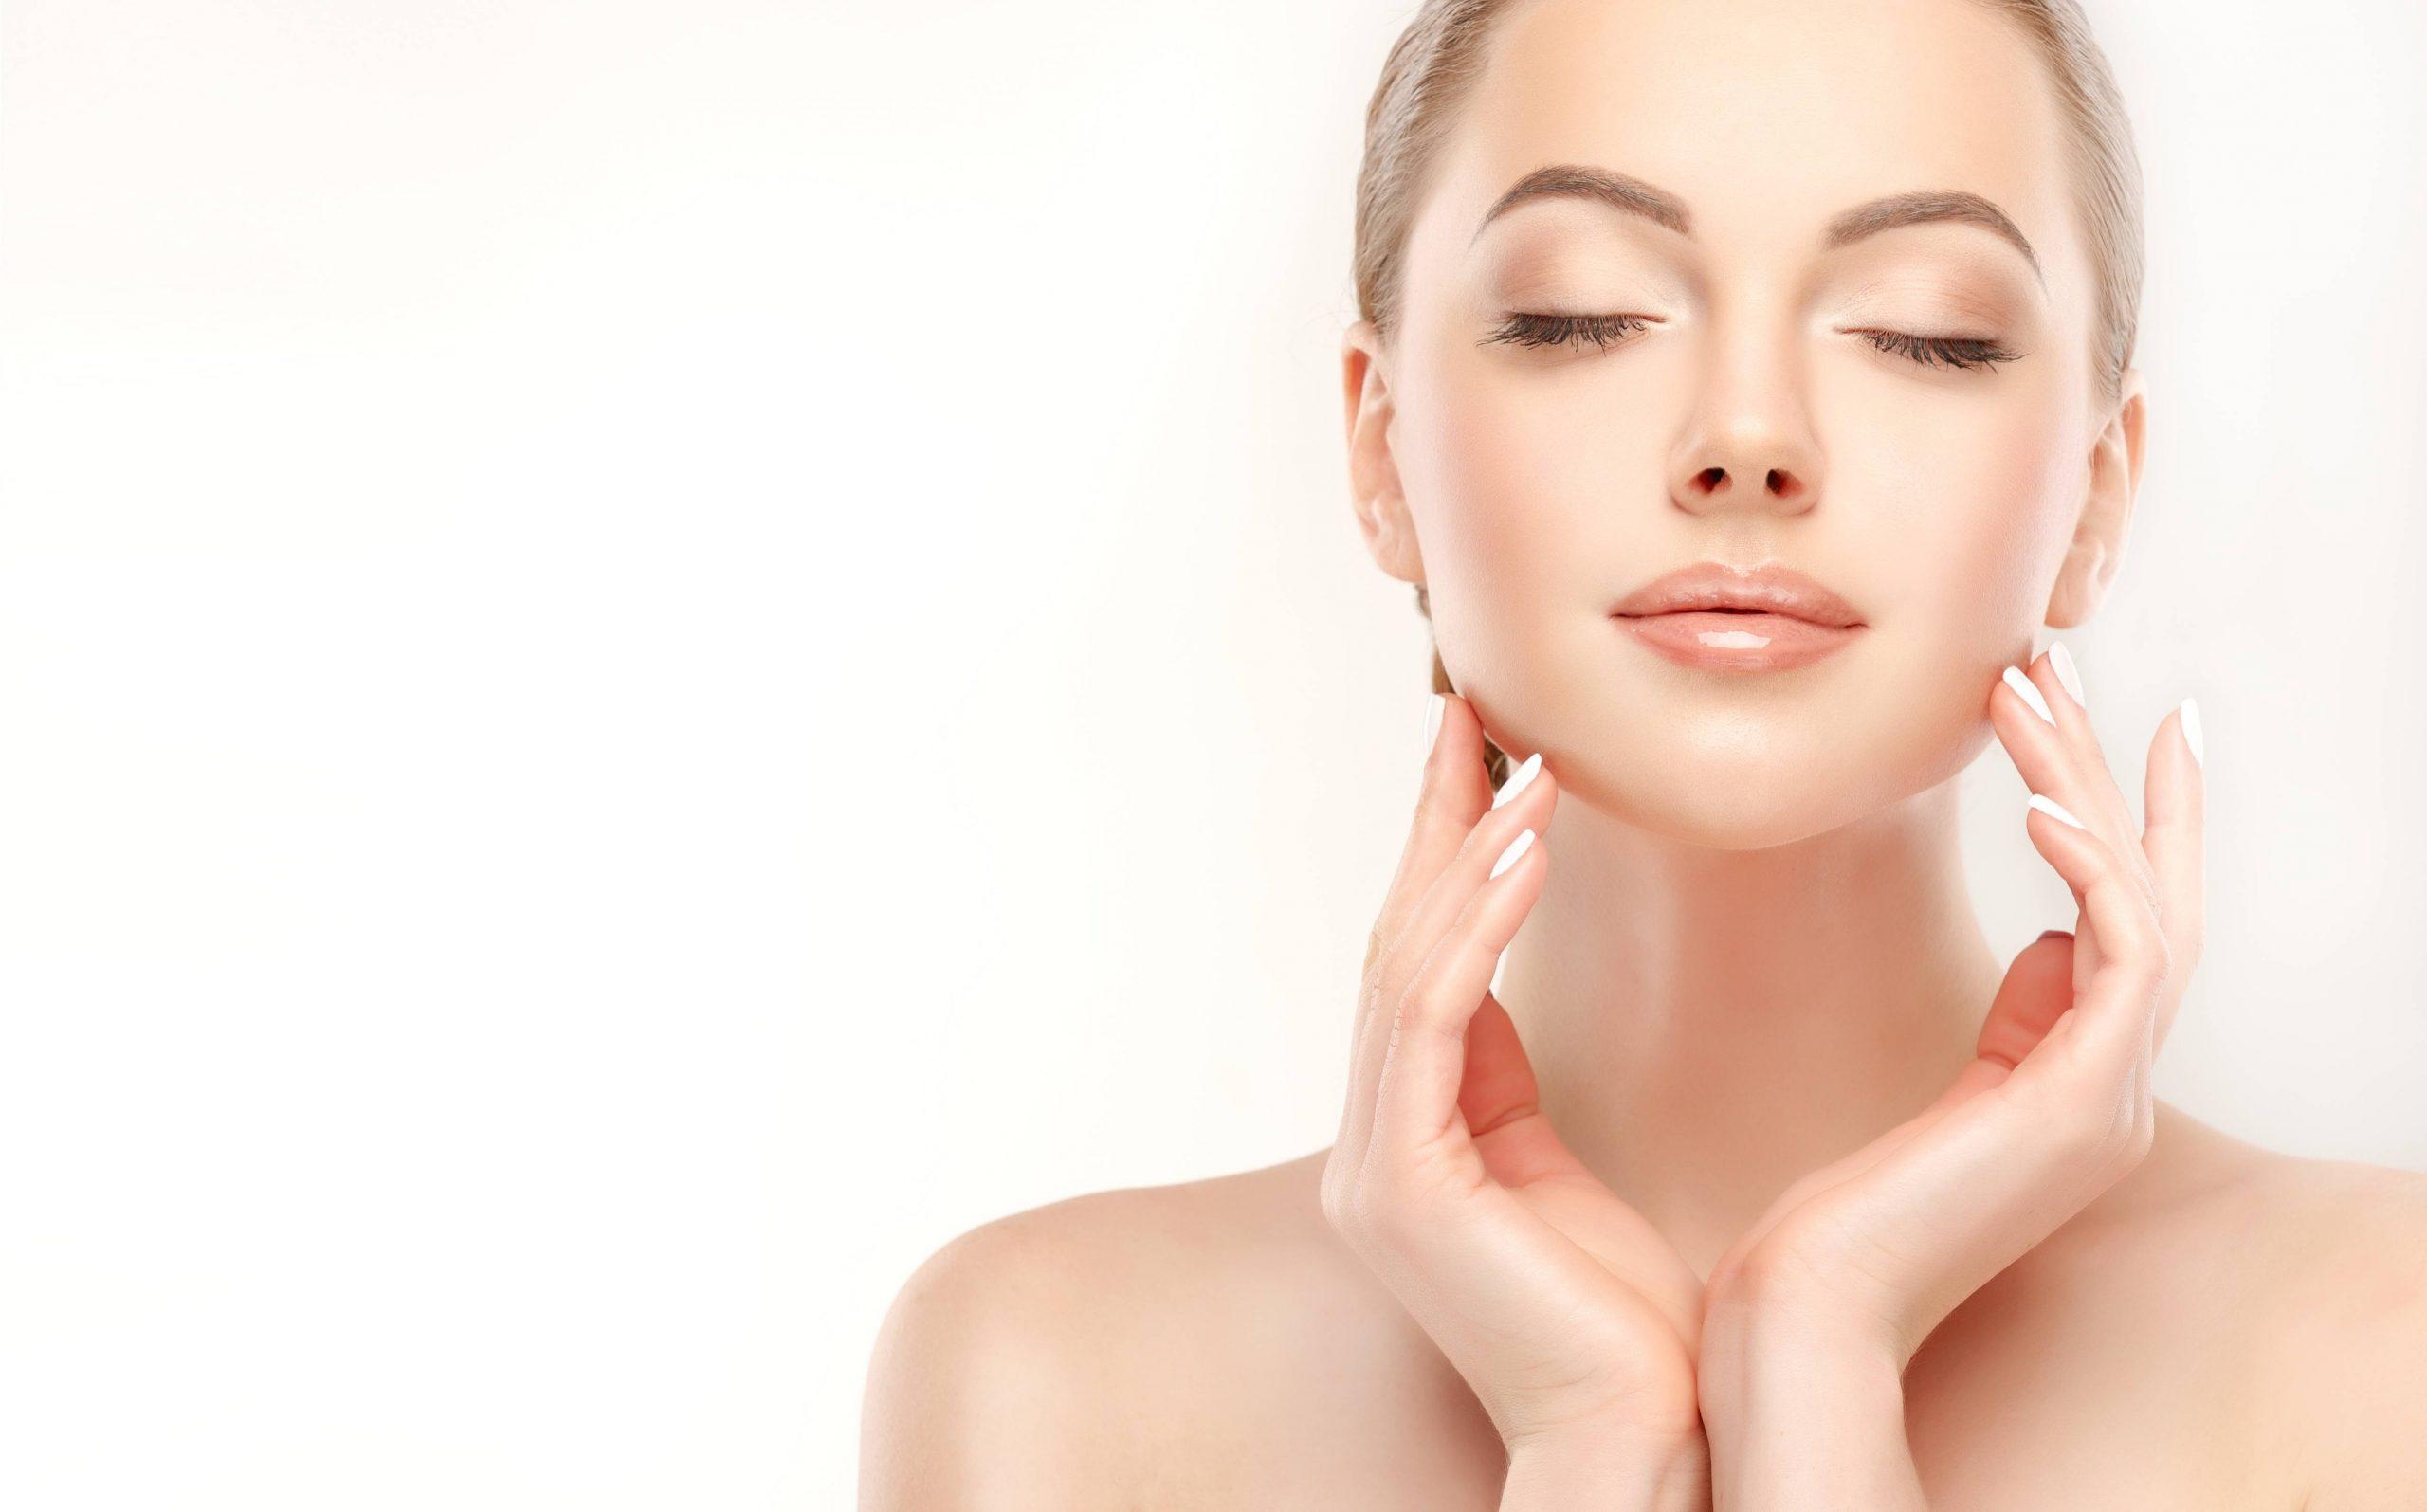 美容外科クリニックのPR用YouTube動画のSE含む編集のみ、5〜10分程度